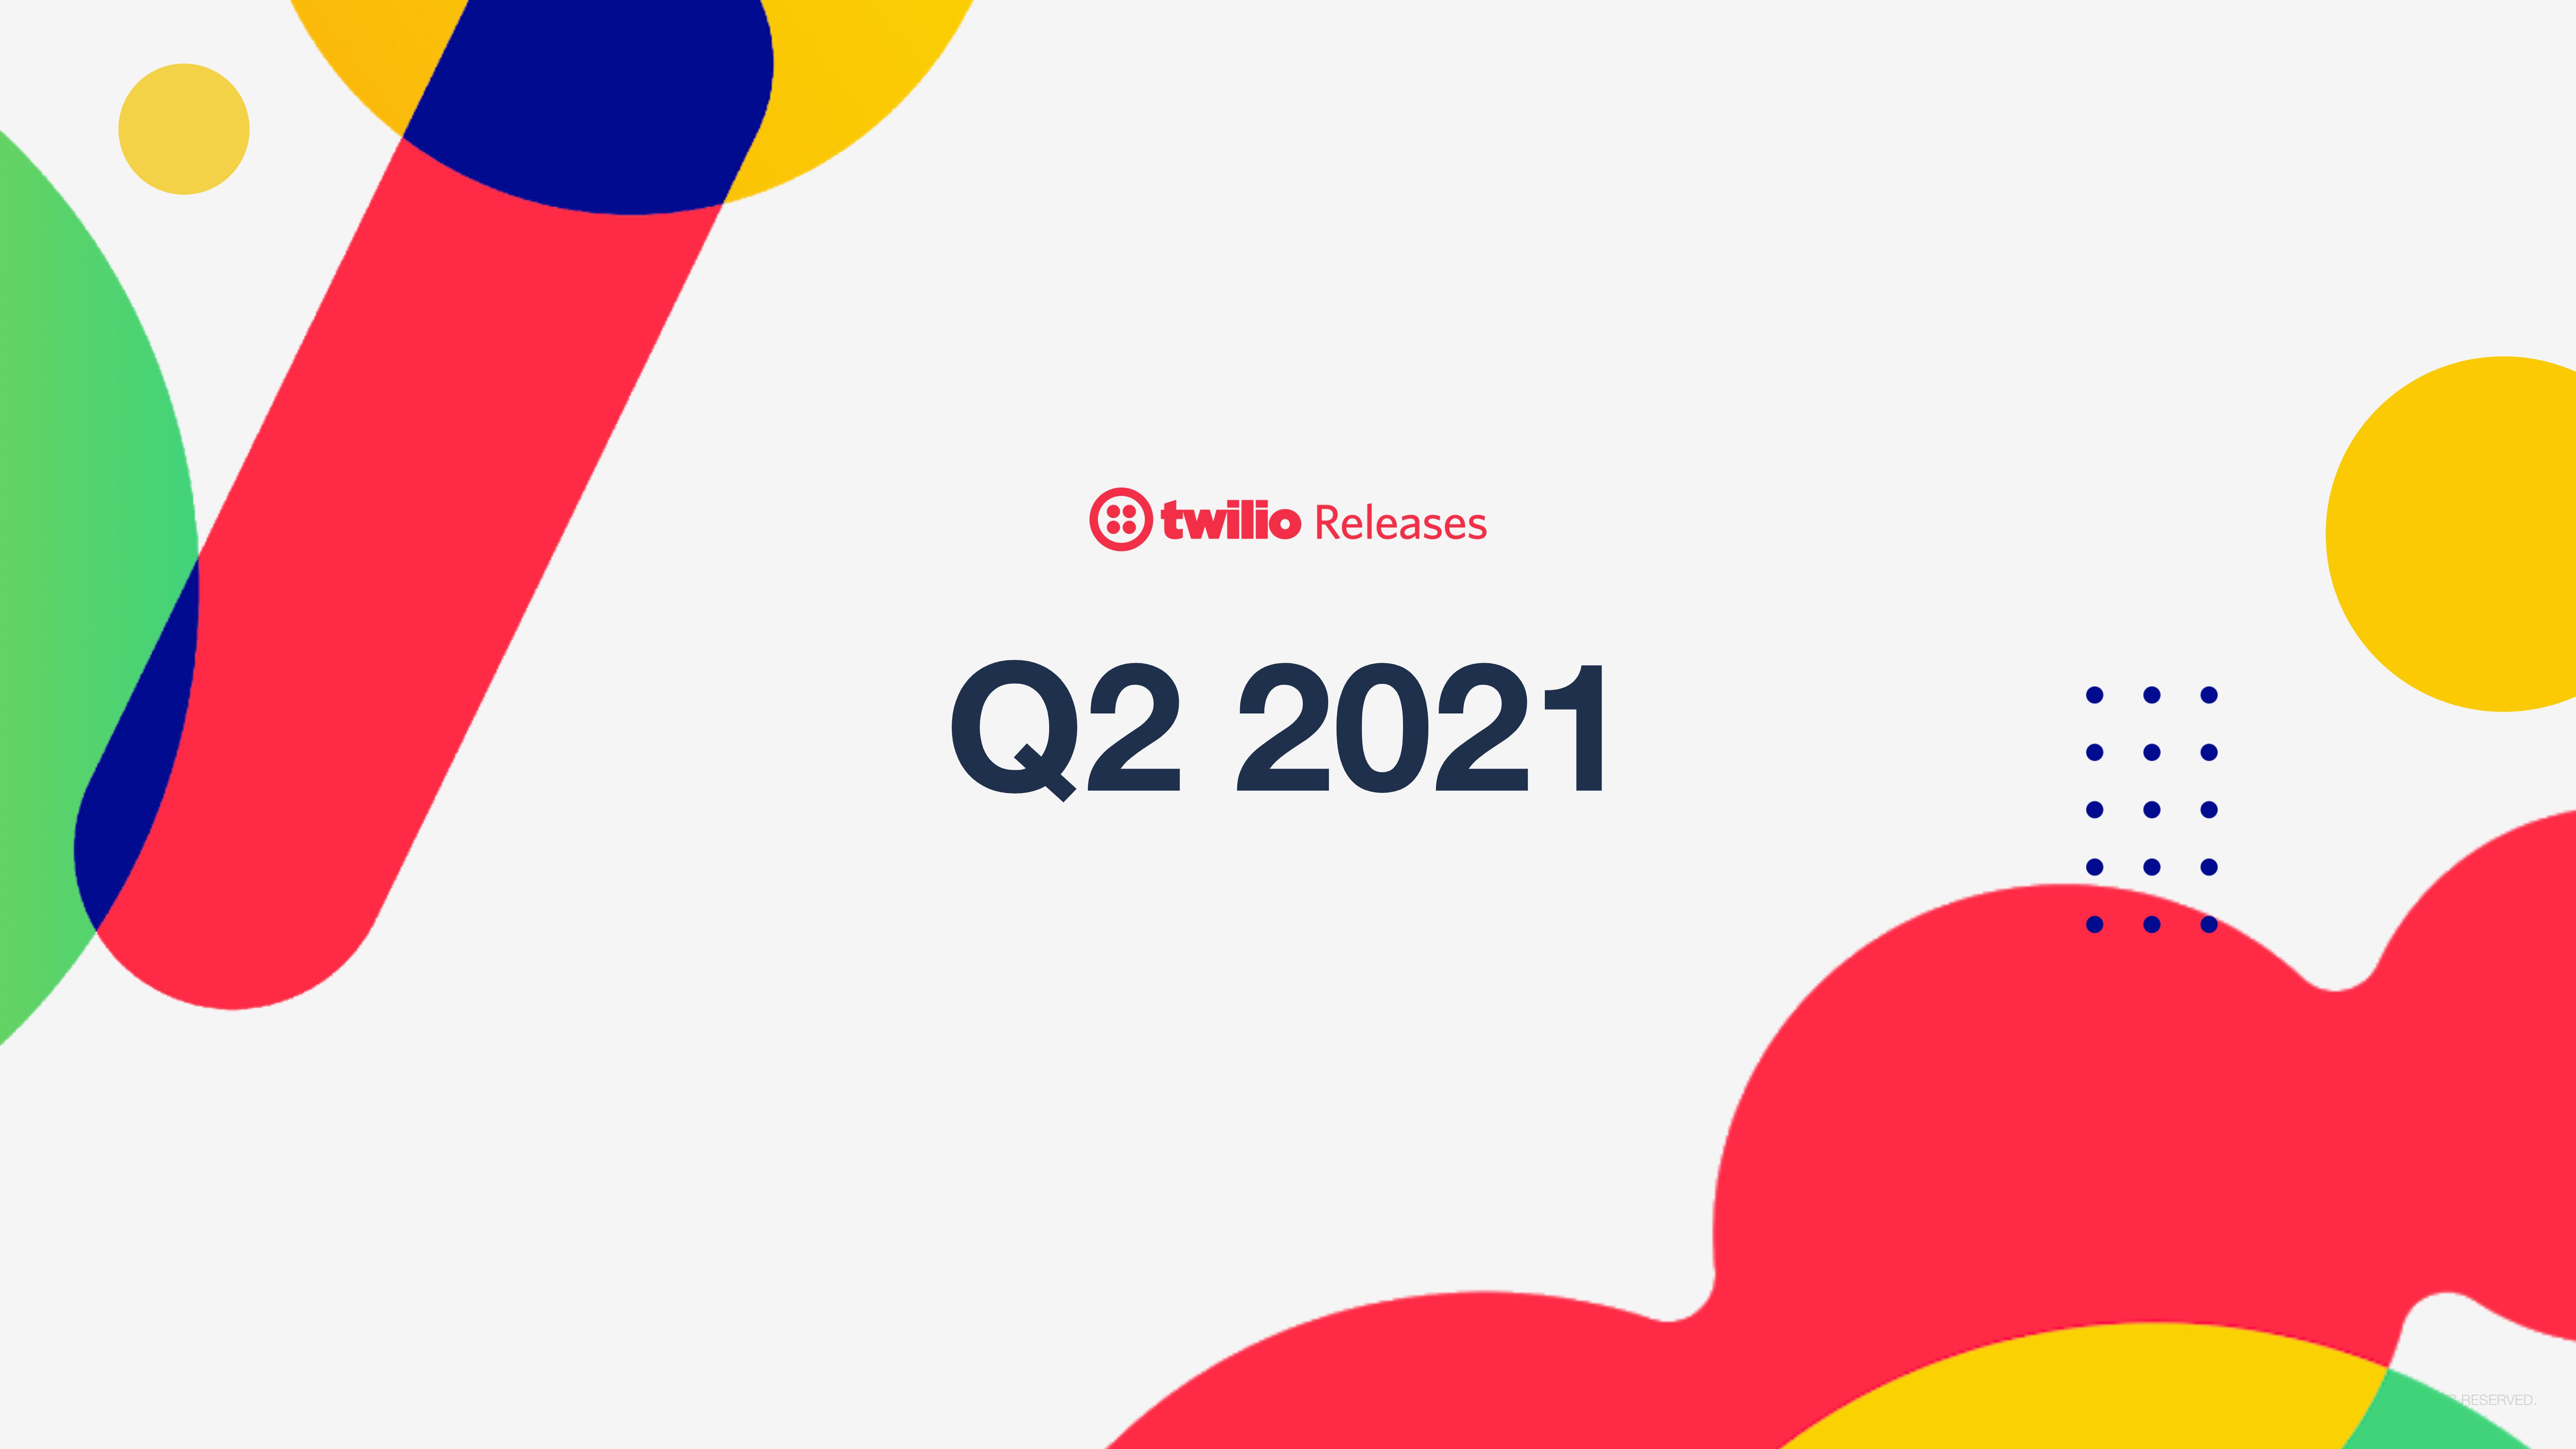 Twilio Releases Q2 2021 Cover Photo